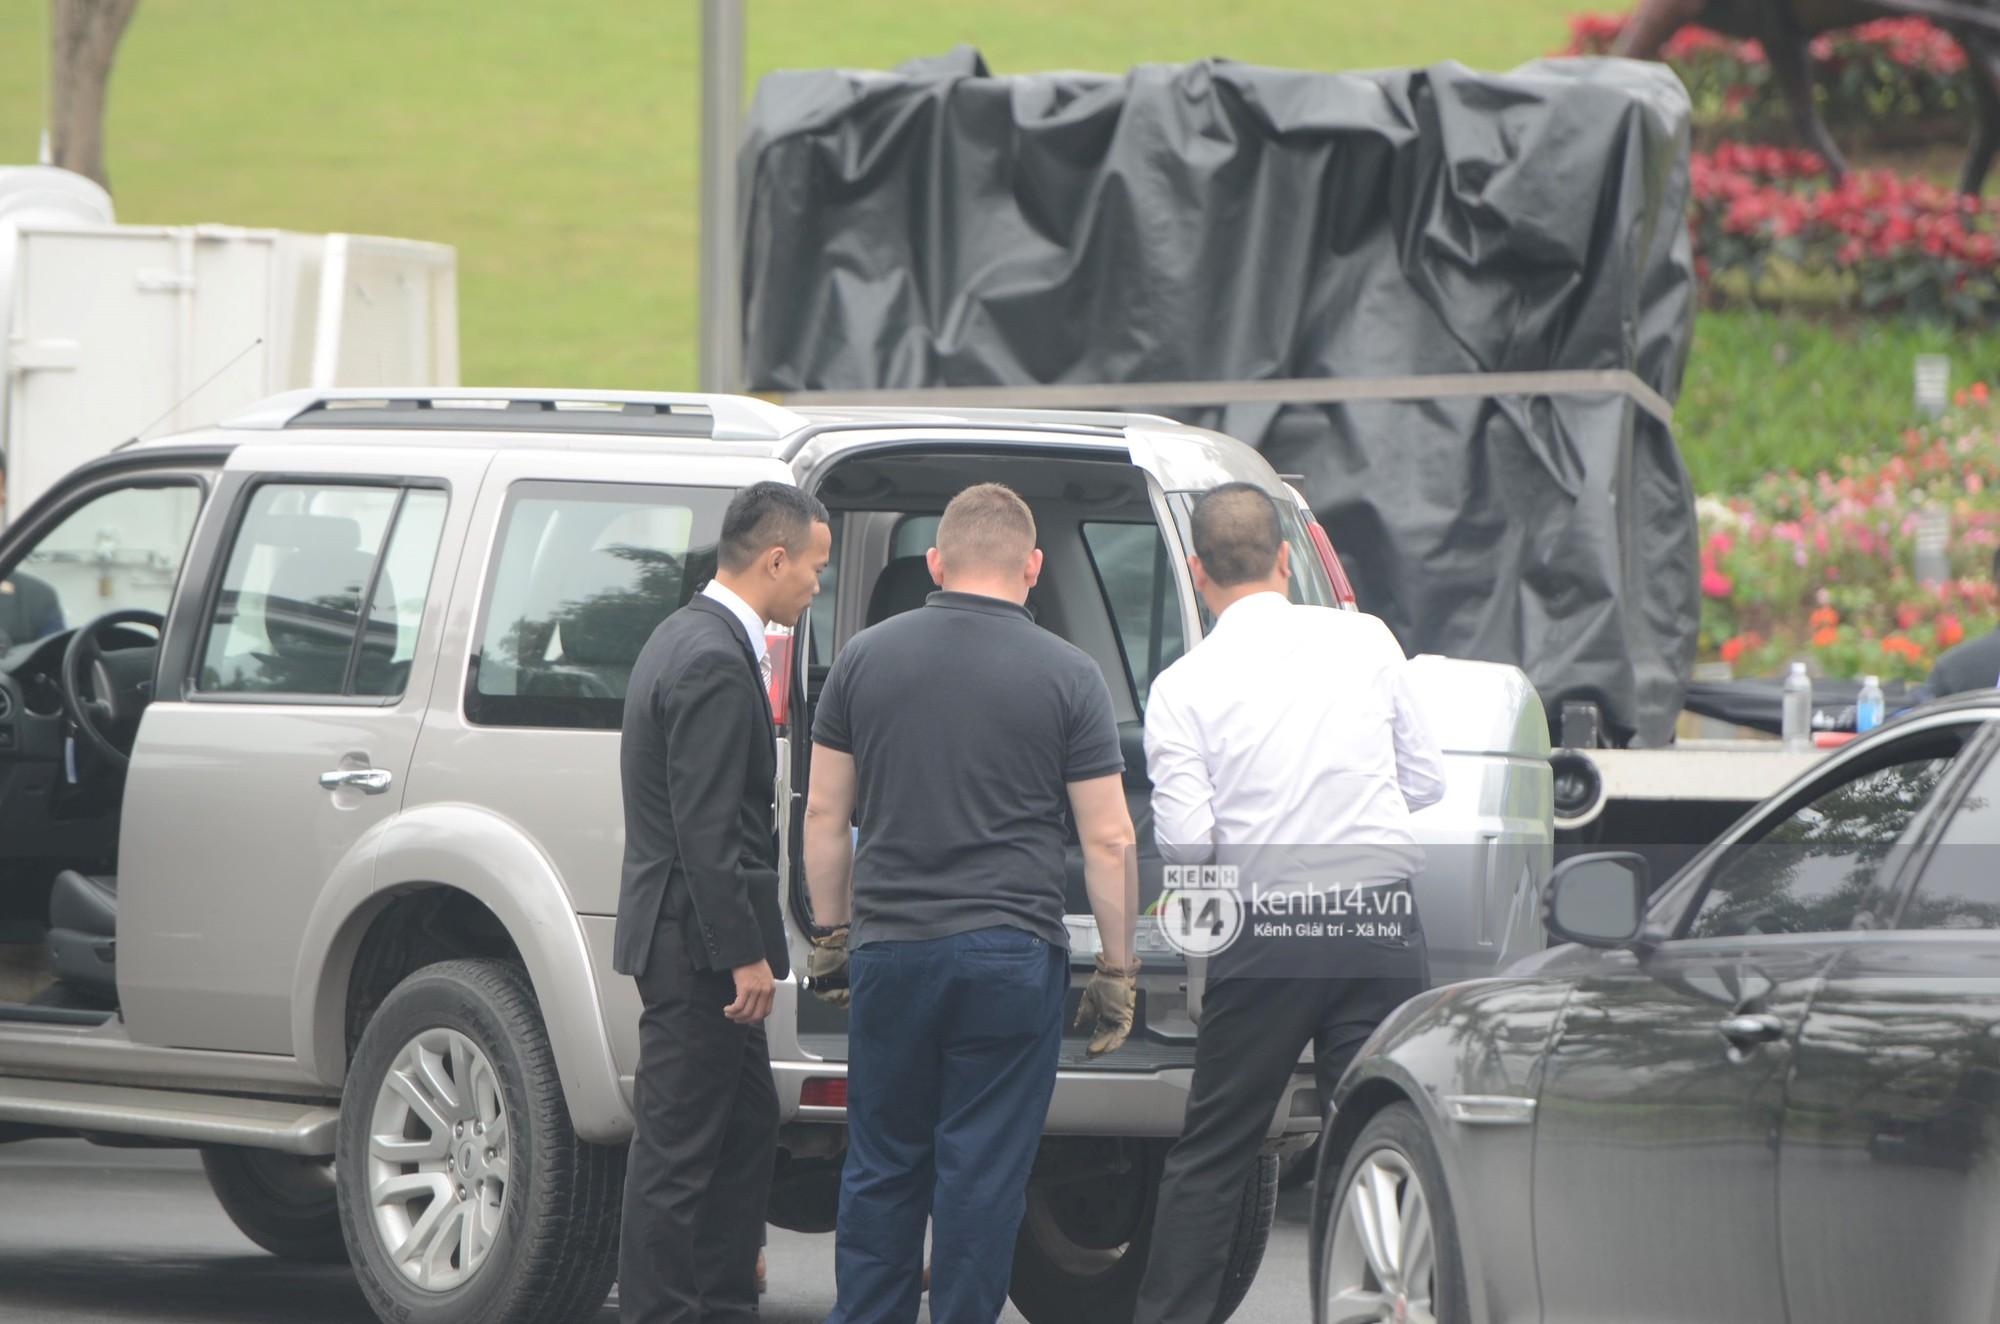 An ninh tại khách sạn Marriott được thắt chặt, TT Trump chuẩn bị lên đường gặp gỡ Tổng bí thư, Chủ tịch nước Nguyễn Phú Trọng - Ảnh 5.